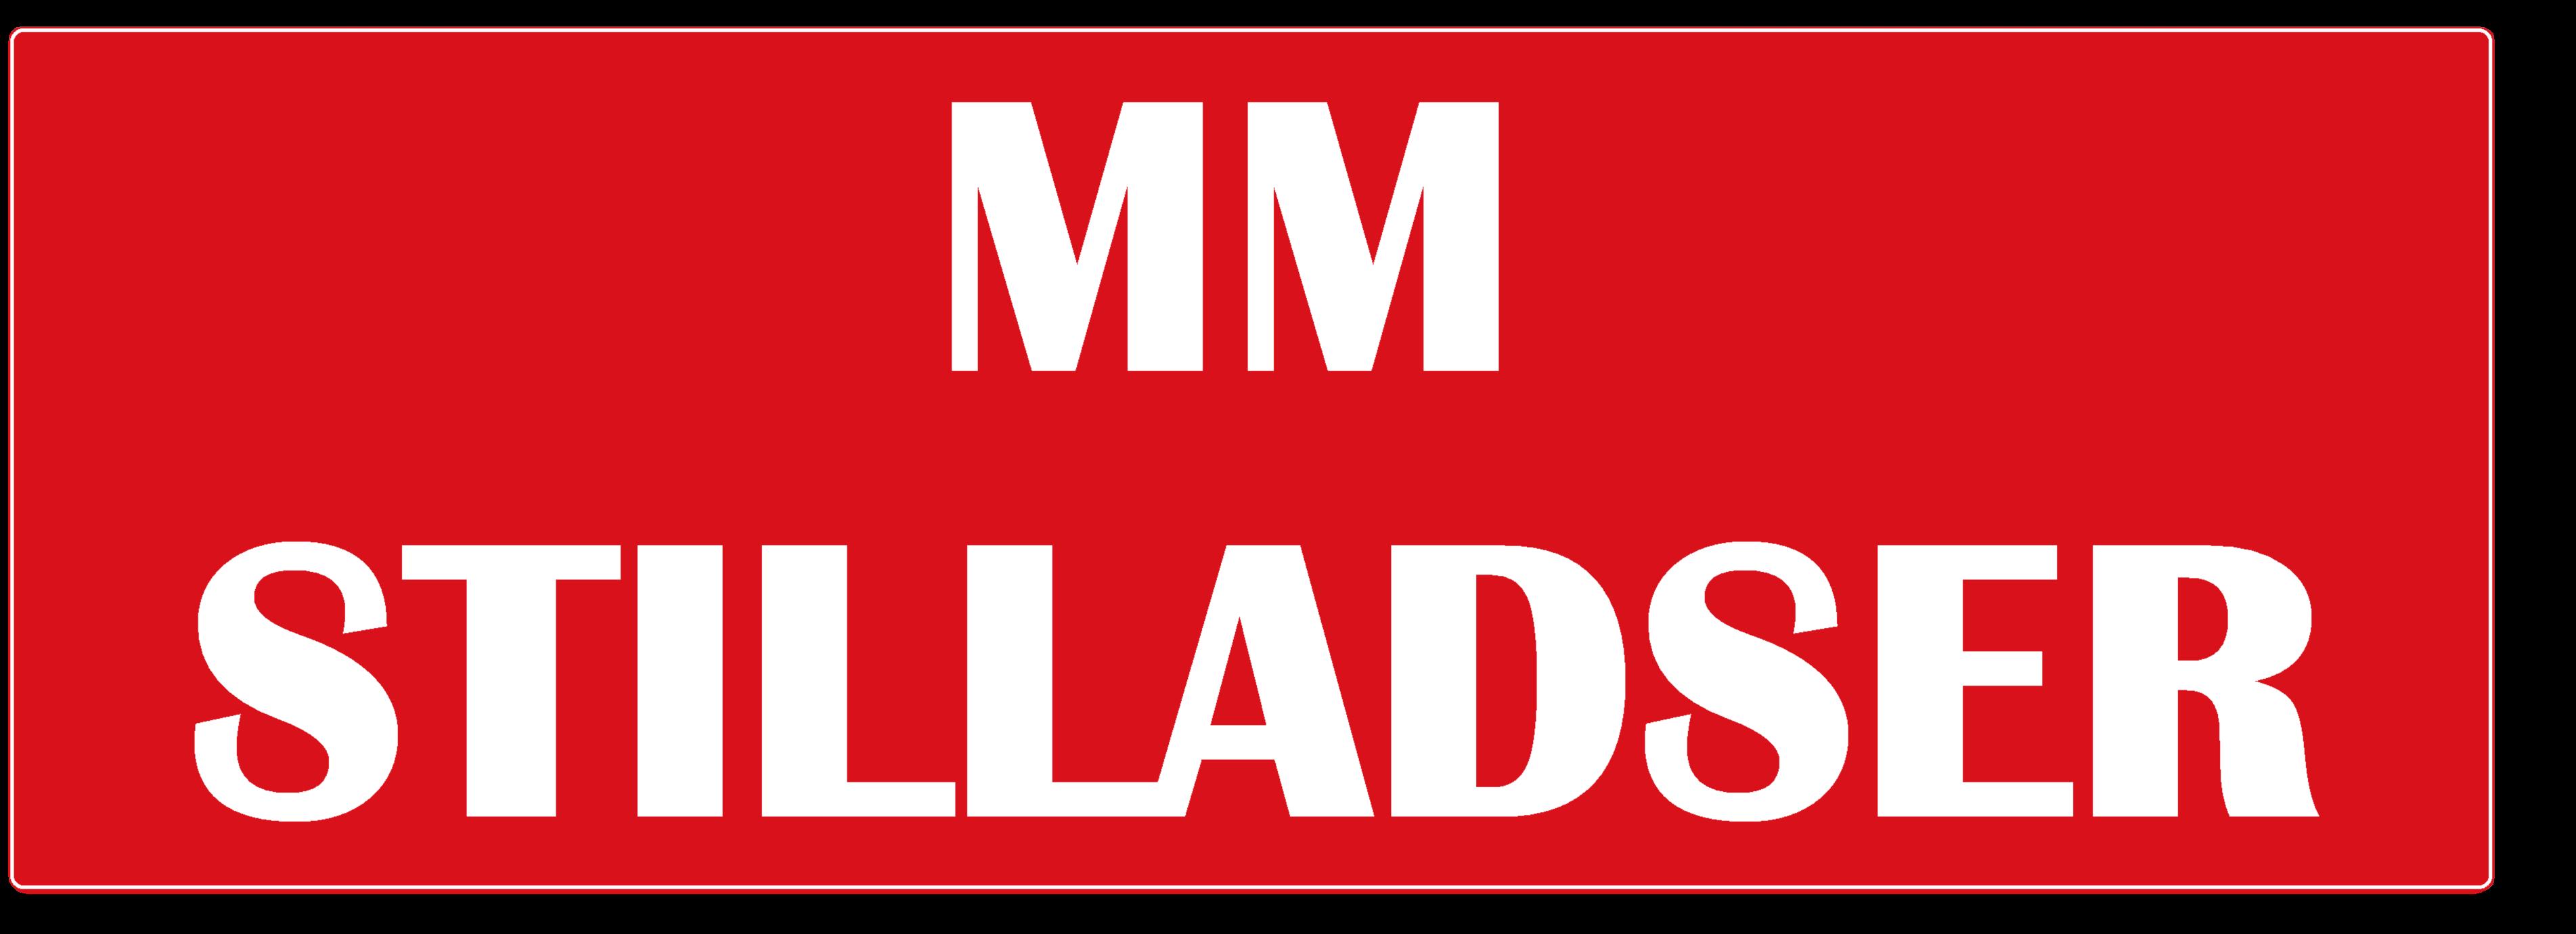 MM stilladser